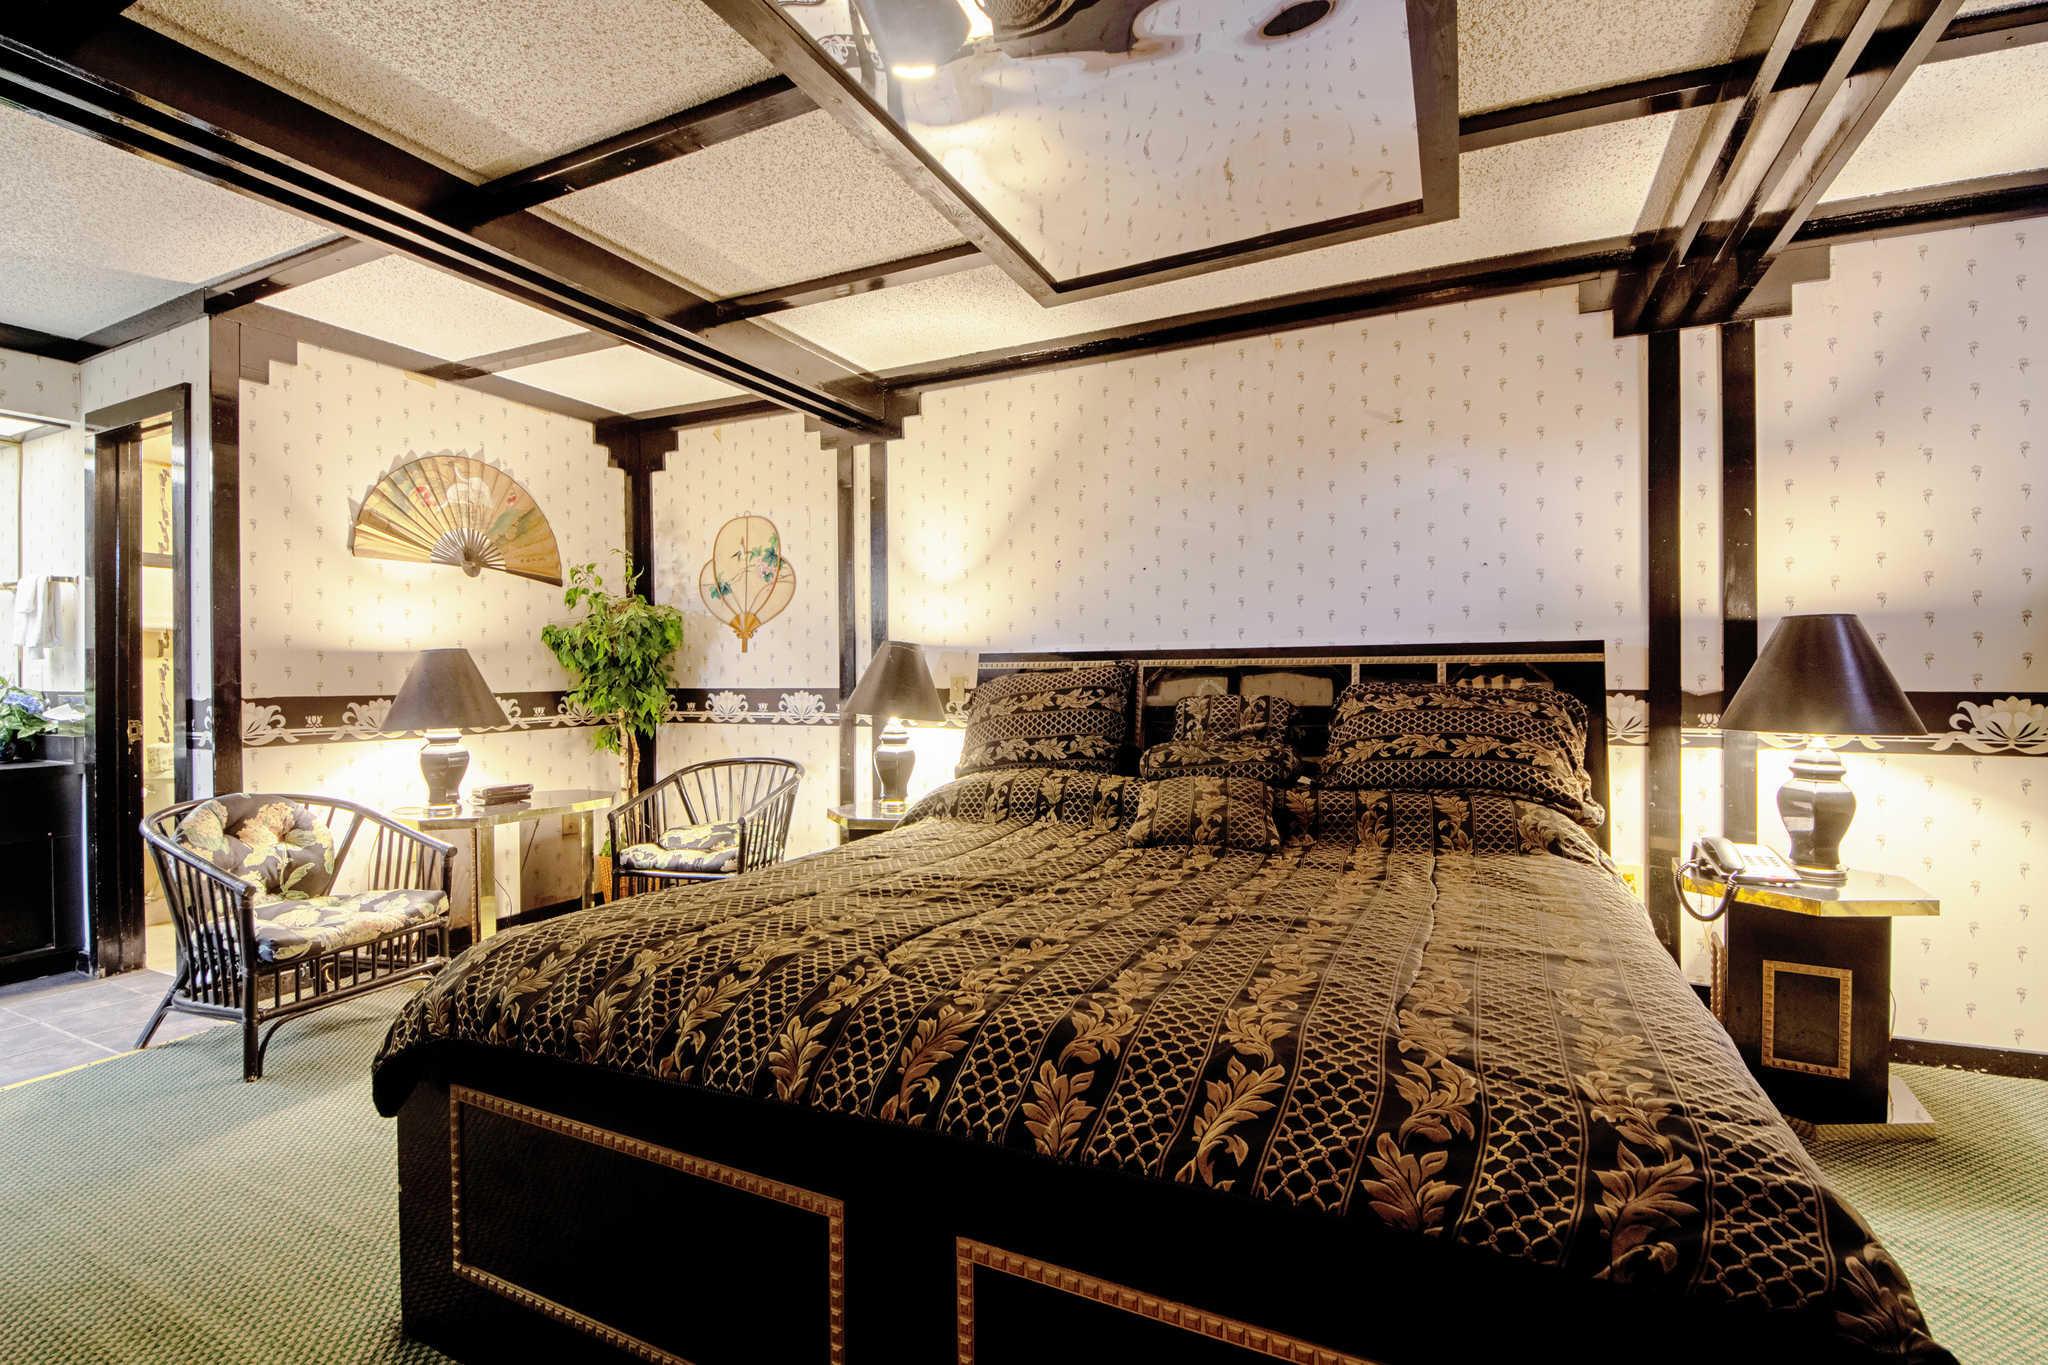 Rodeway Inn & Suites image 45